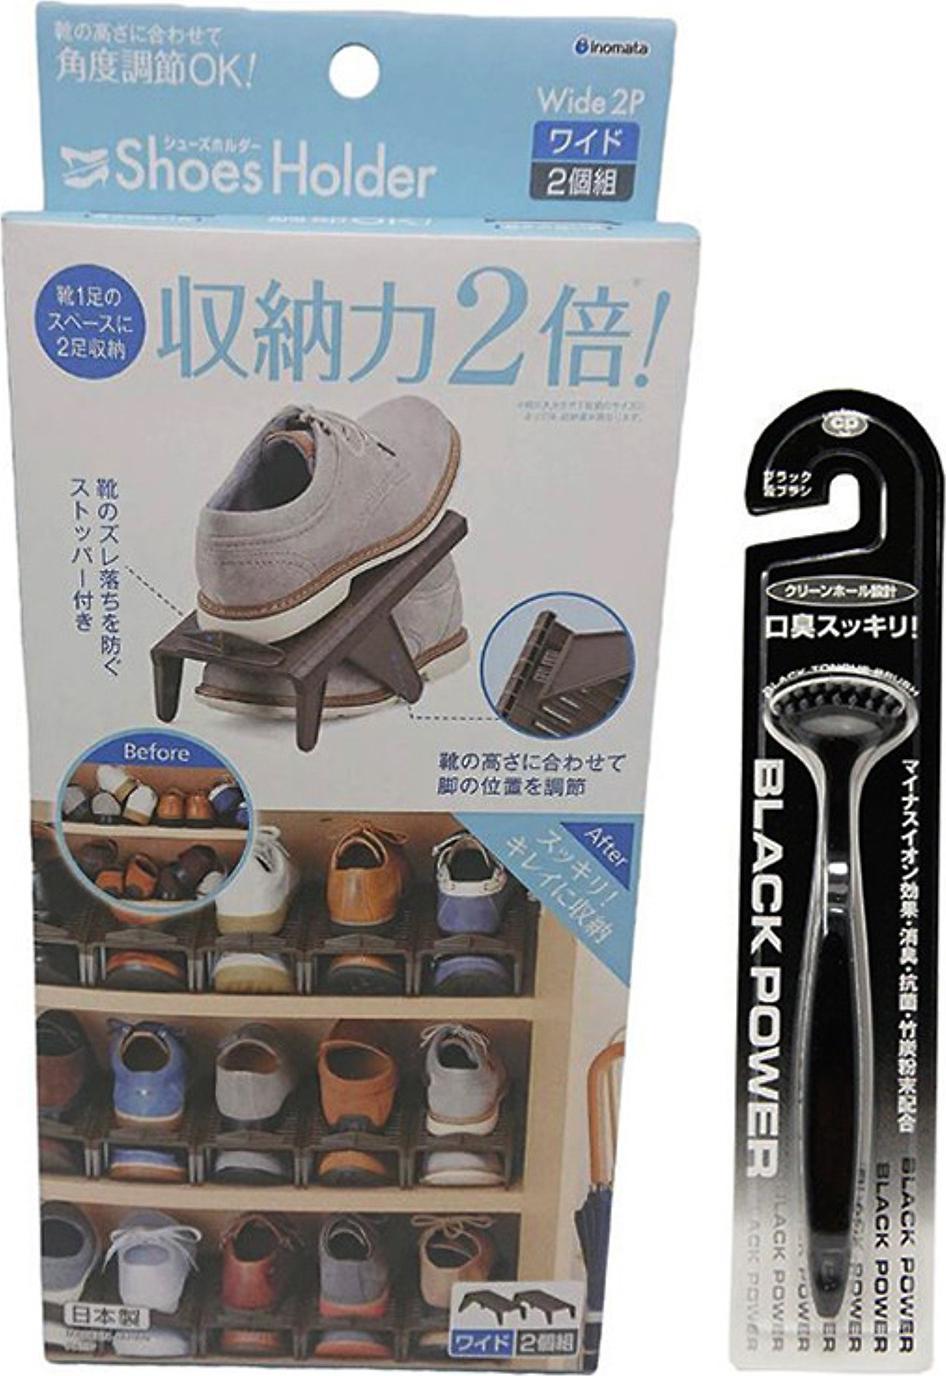 Bộ phụ kiện cất gọn gàng giày dép nam + tặng cây tia lưỡi - Hàng nội địa Nhật